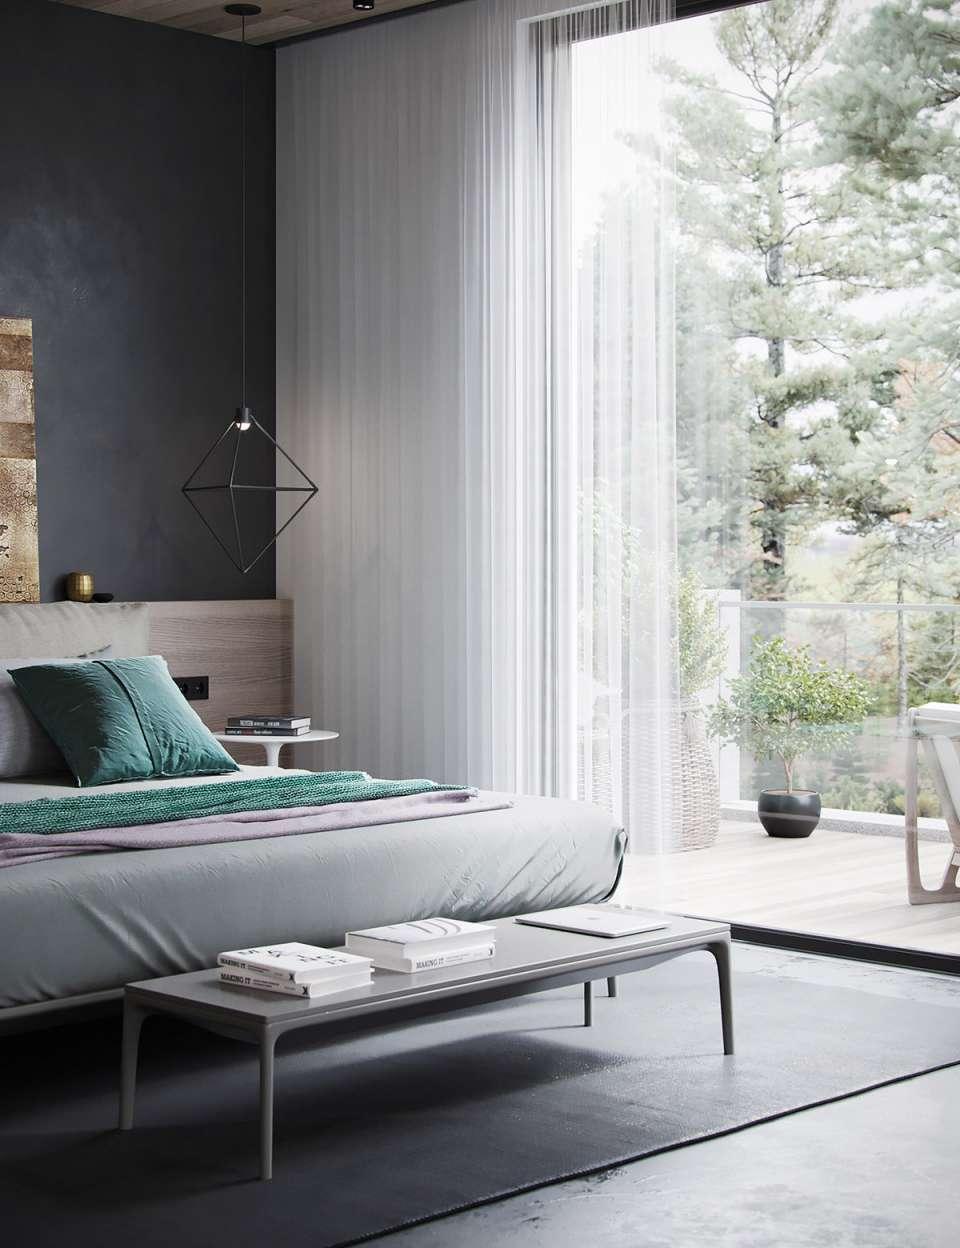 دکوراسیون داخلی خانه با رنگ مشکی